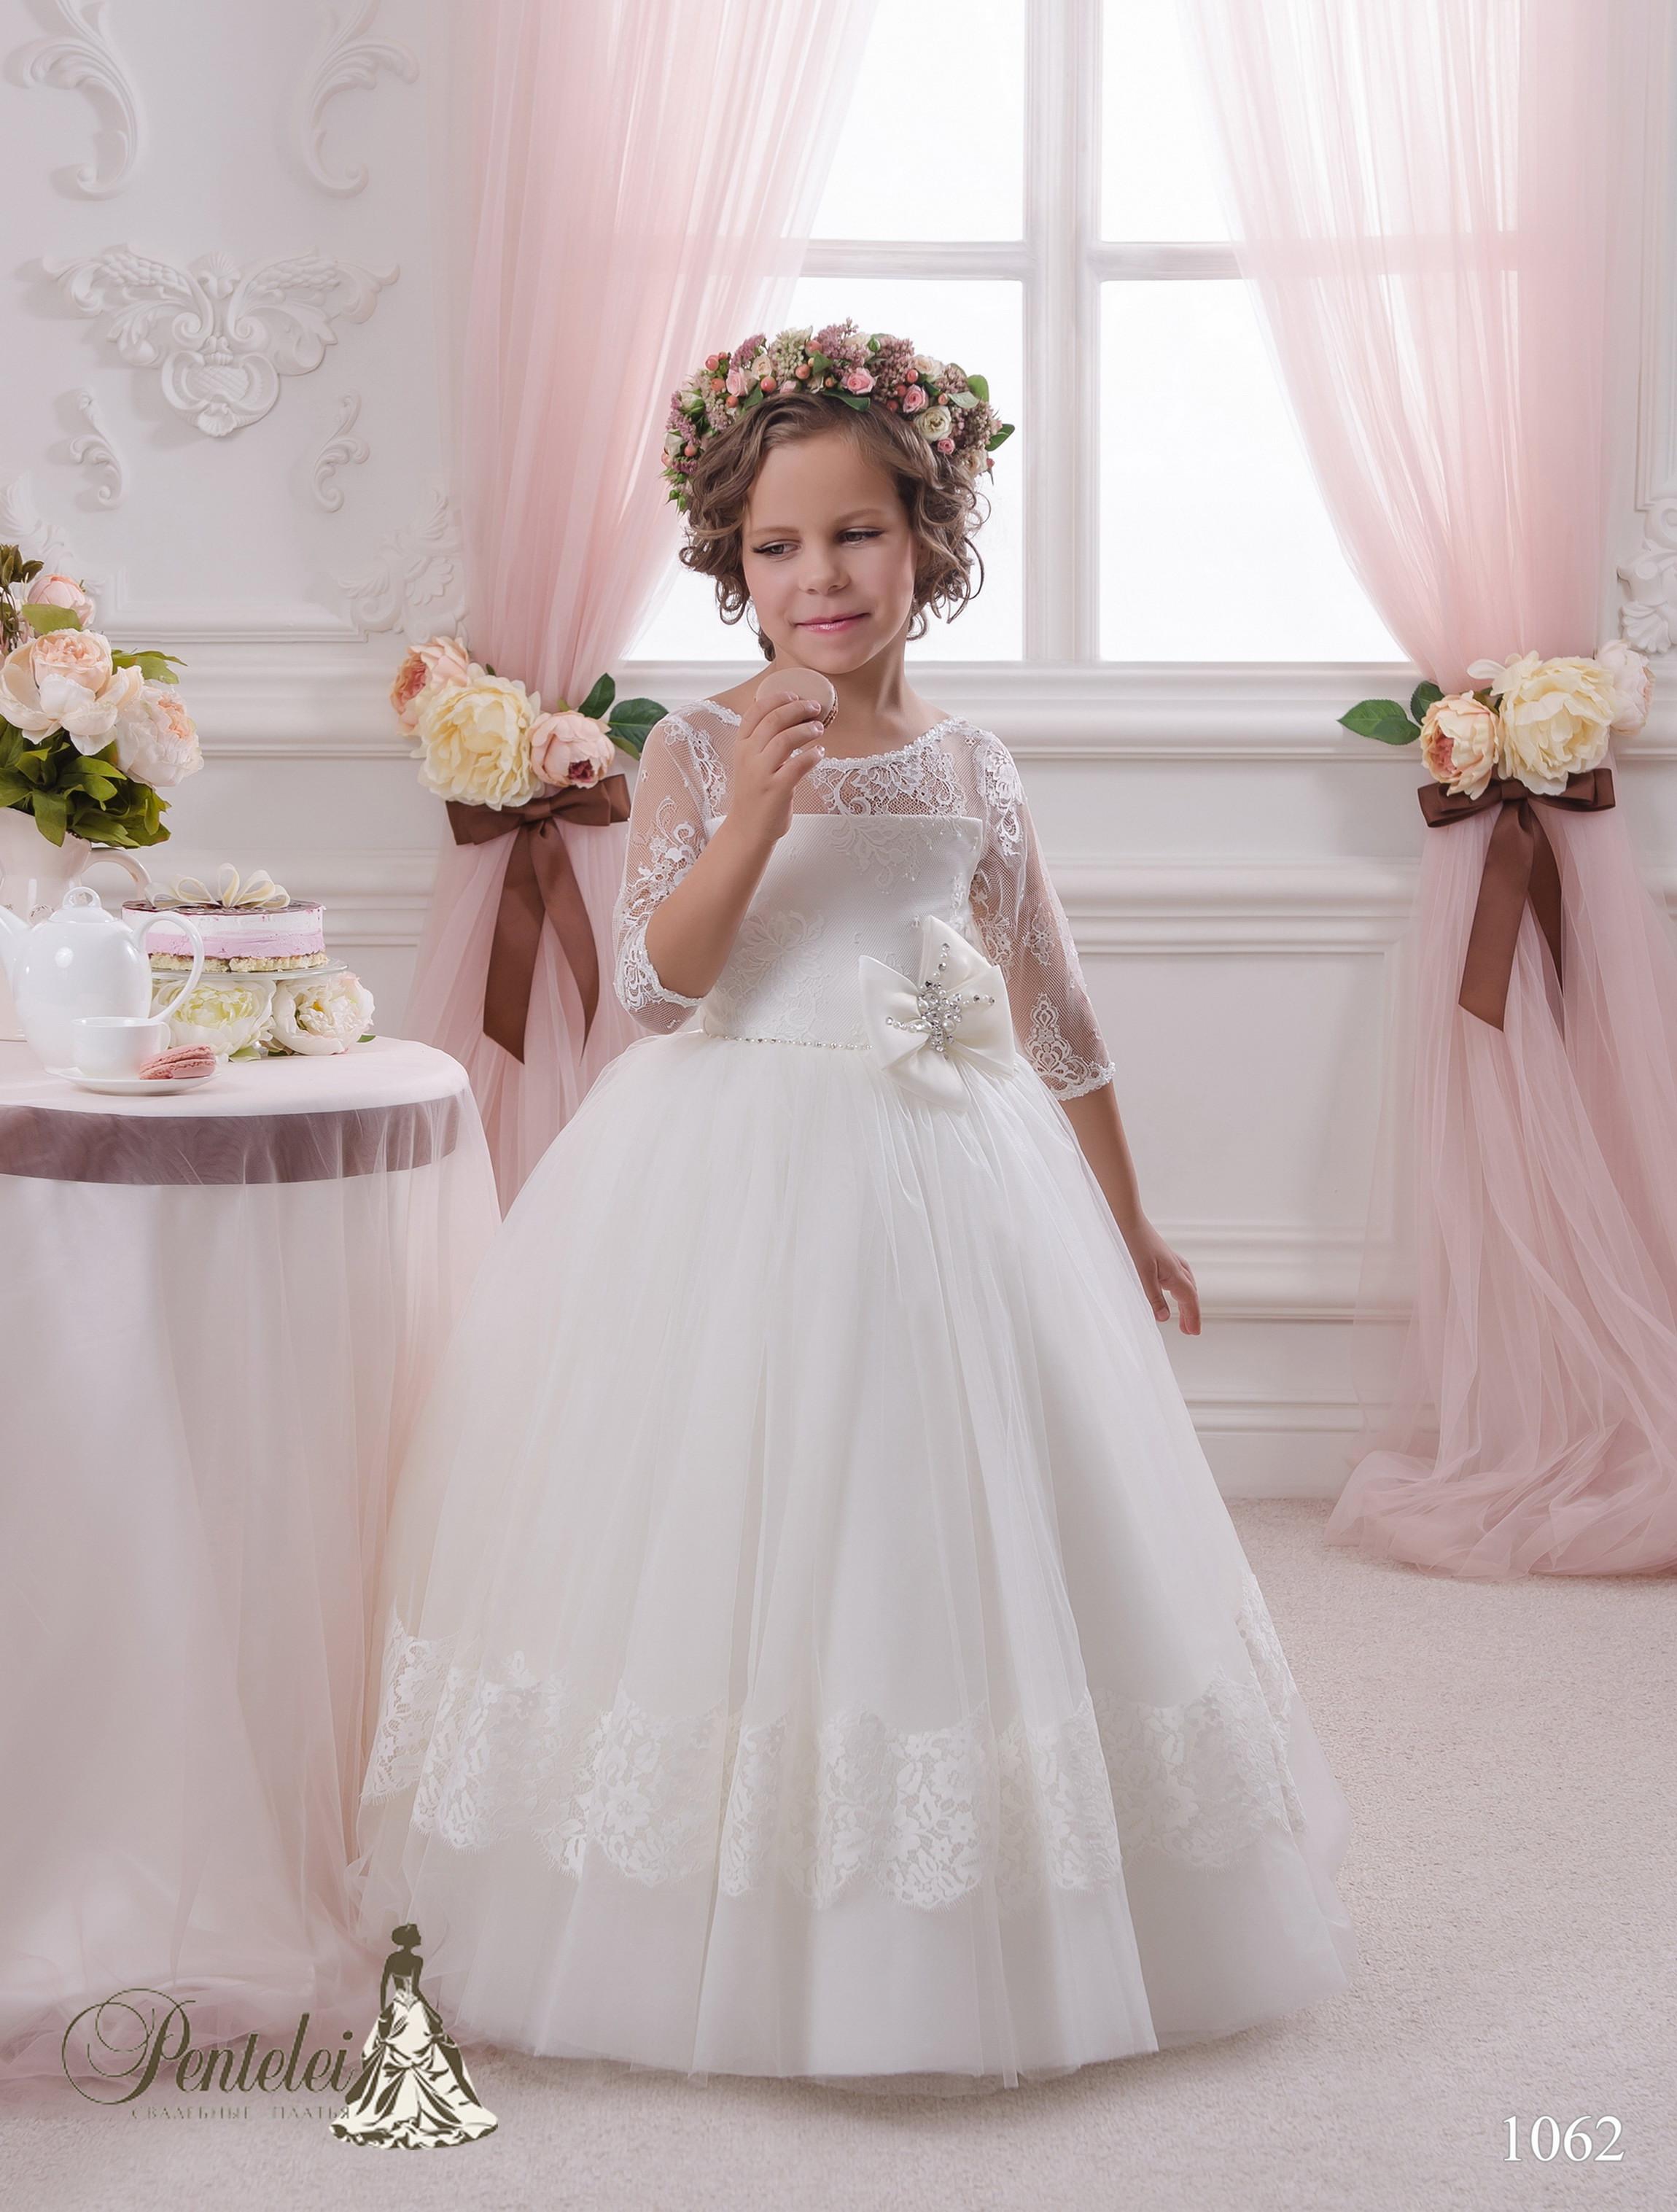 1062 | Купить детские платья оптом от Pentelei